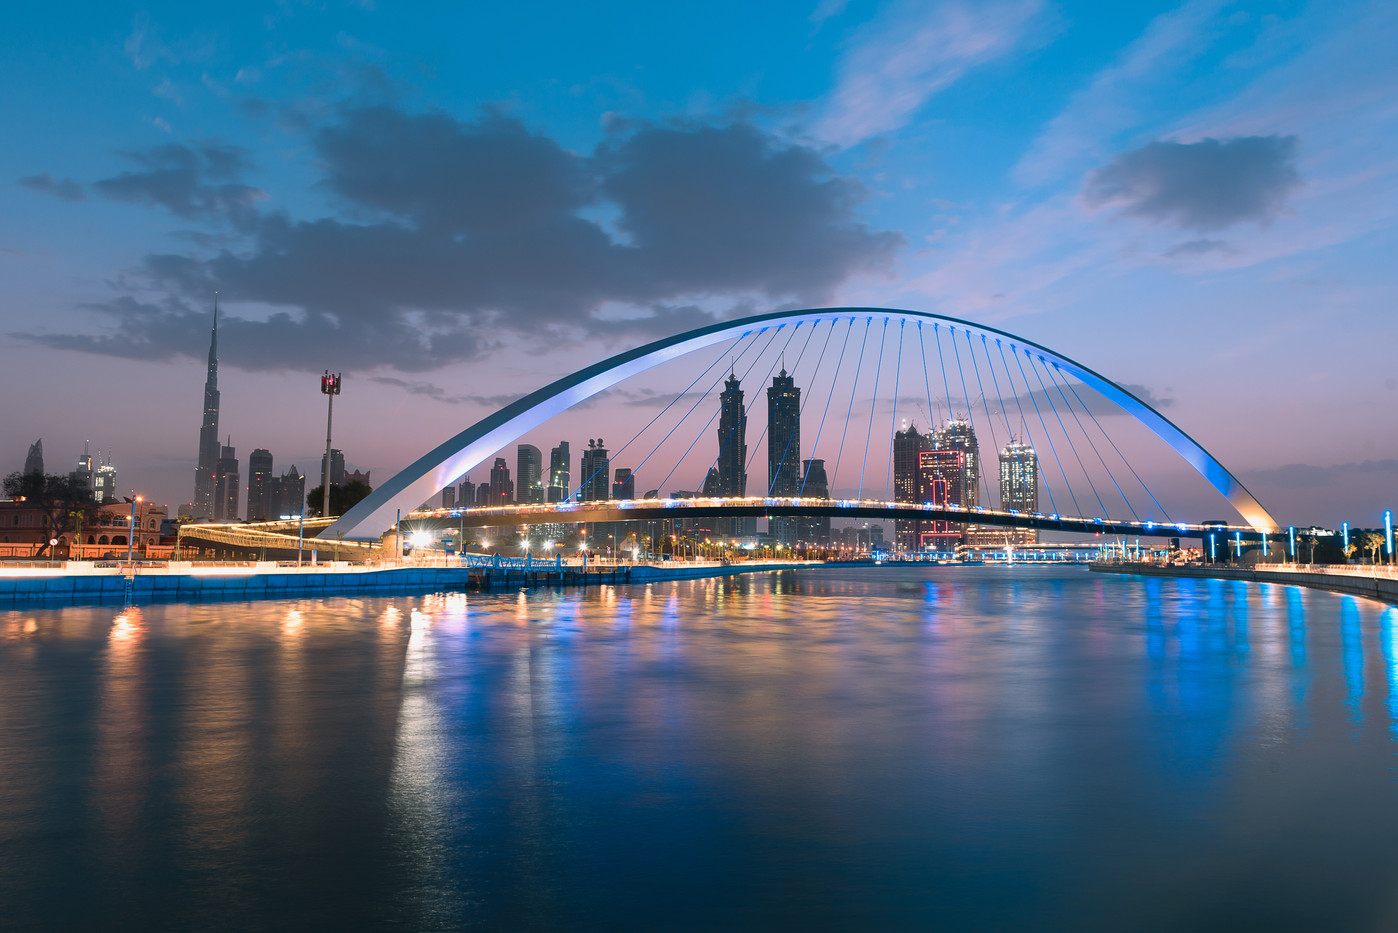 Tolerance Bridge Dubai